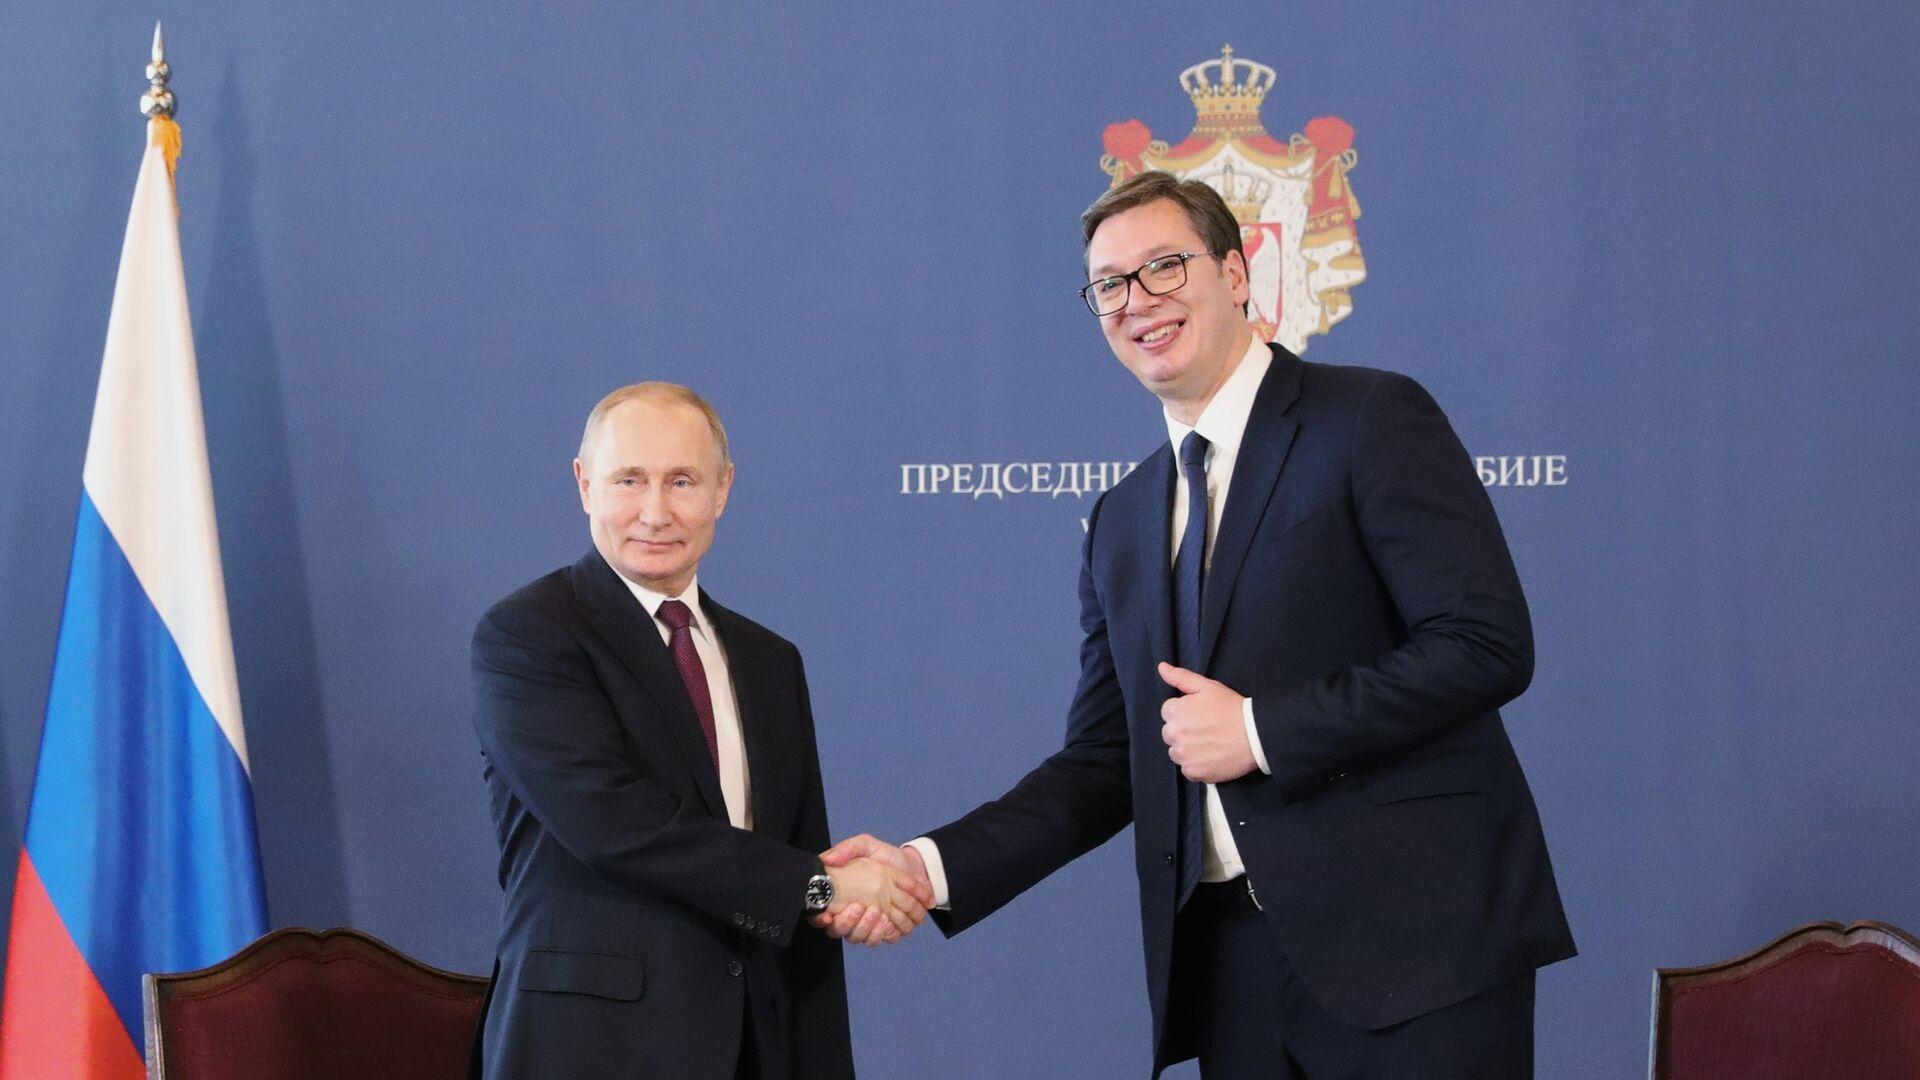 El presidente ruso, Vladímir Putin, y el presidente de Serbia Aleksandar Vucic - Sputnik Mundo, 1920, 06.10.2021